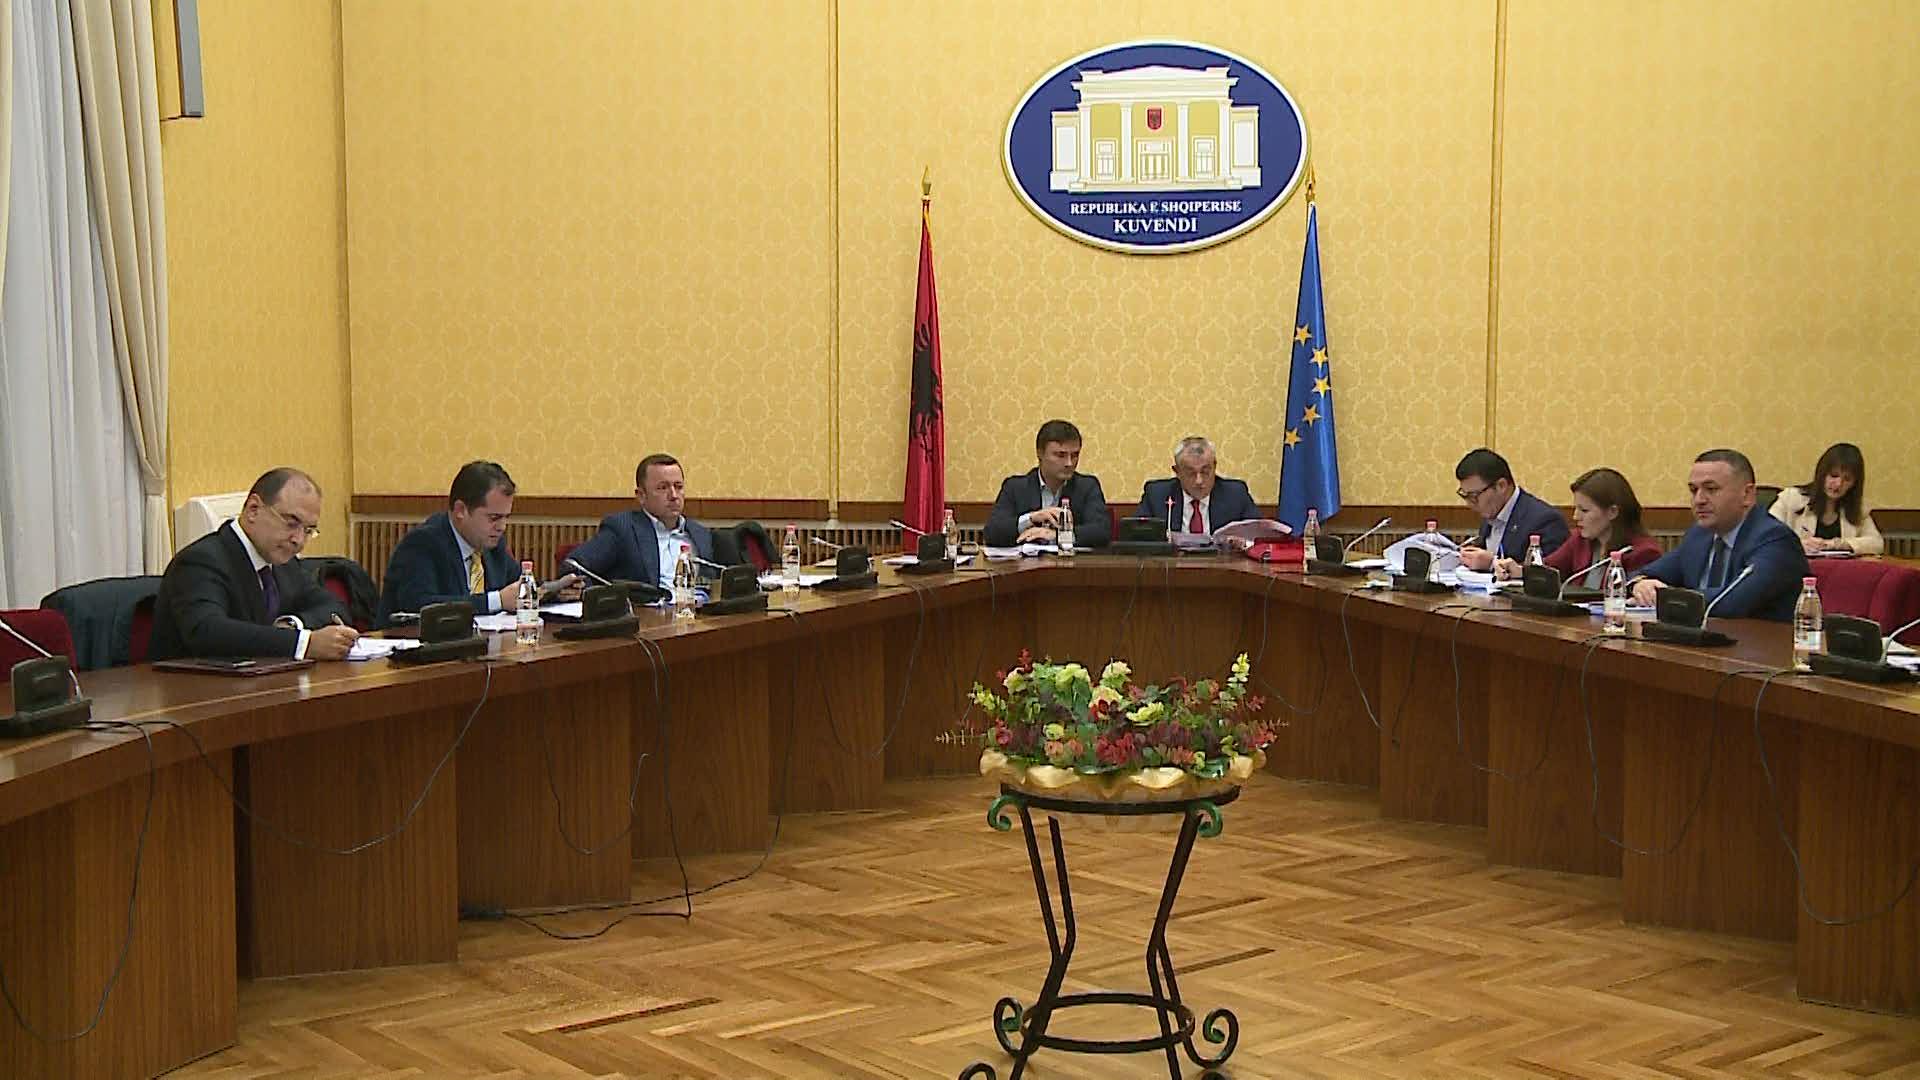 Këshilli i Legjislacionit vendos shqyrtimin e çdo vendimi të Gjykatës Kushtetuese